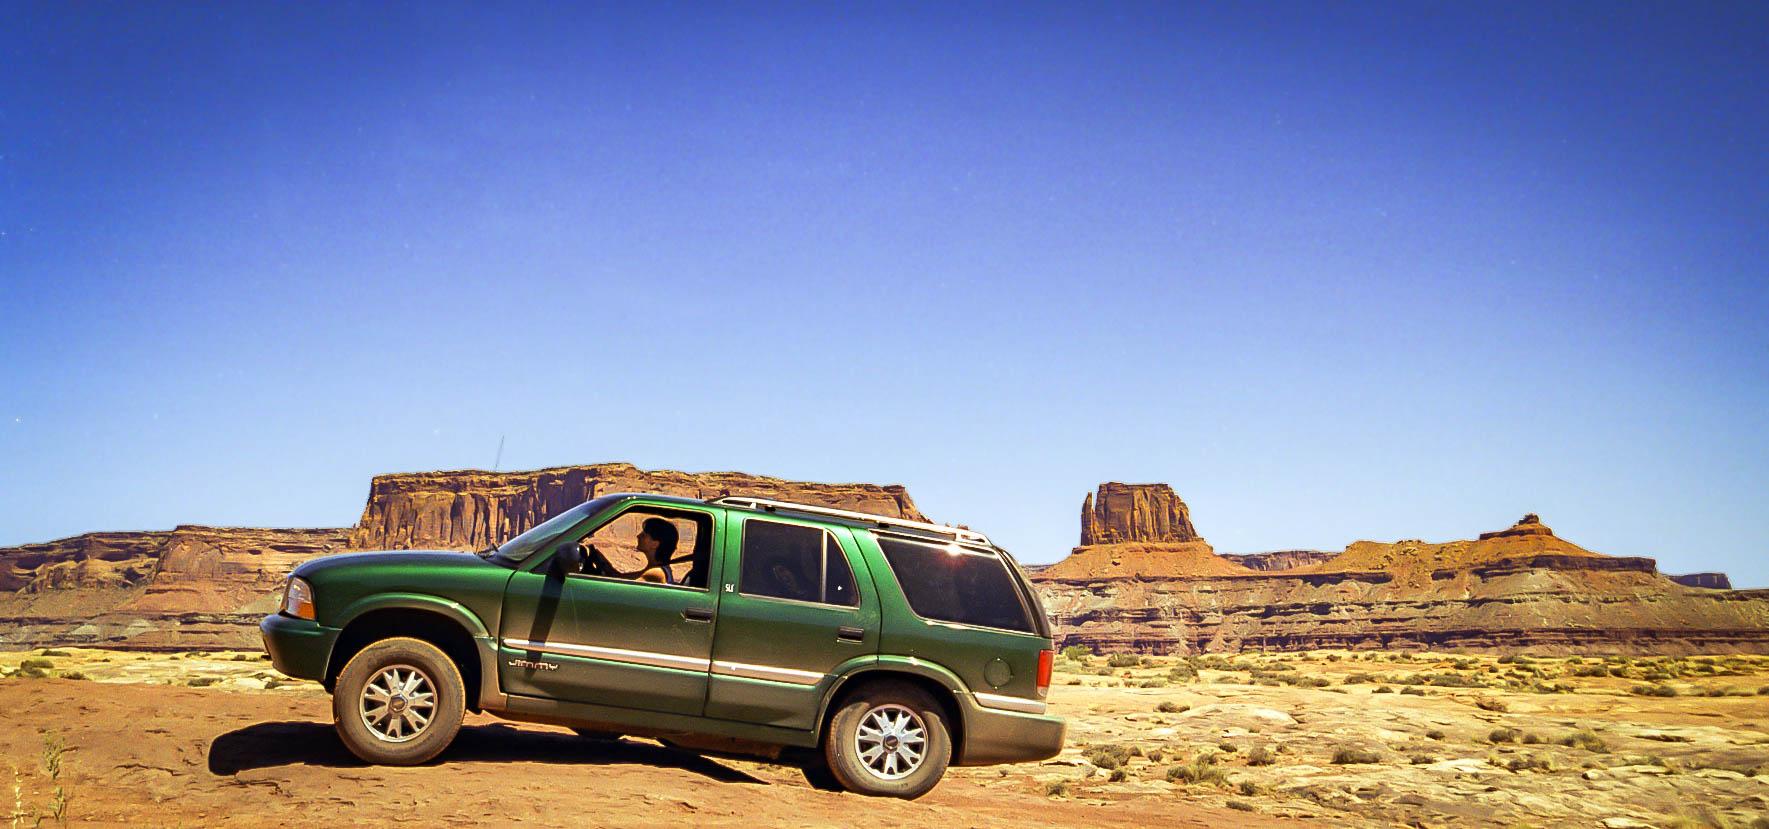 Canyonlands, Shafer trail, <br/>White Rim trail, Potash